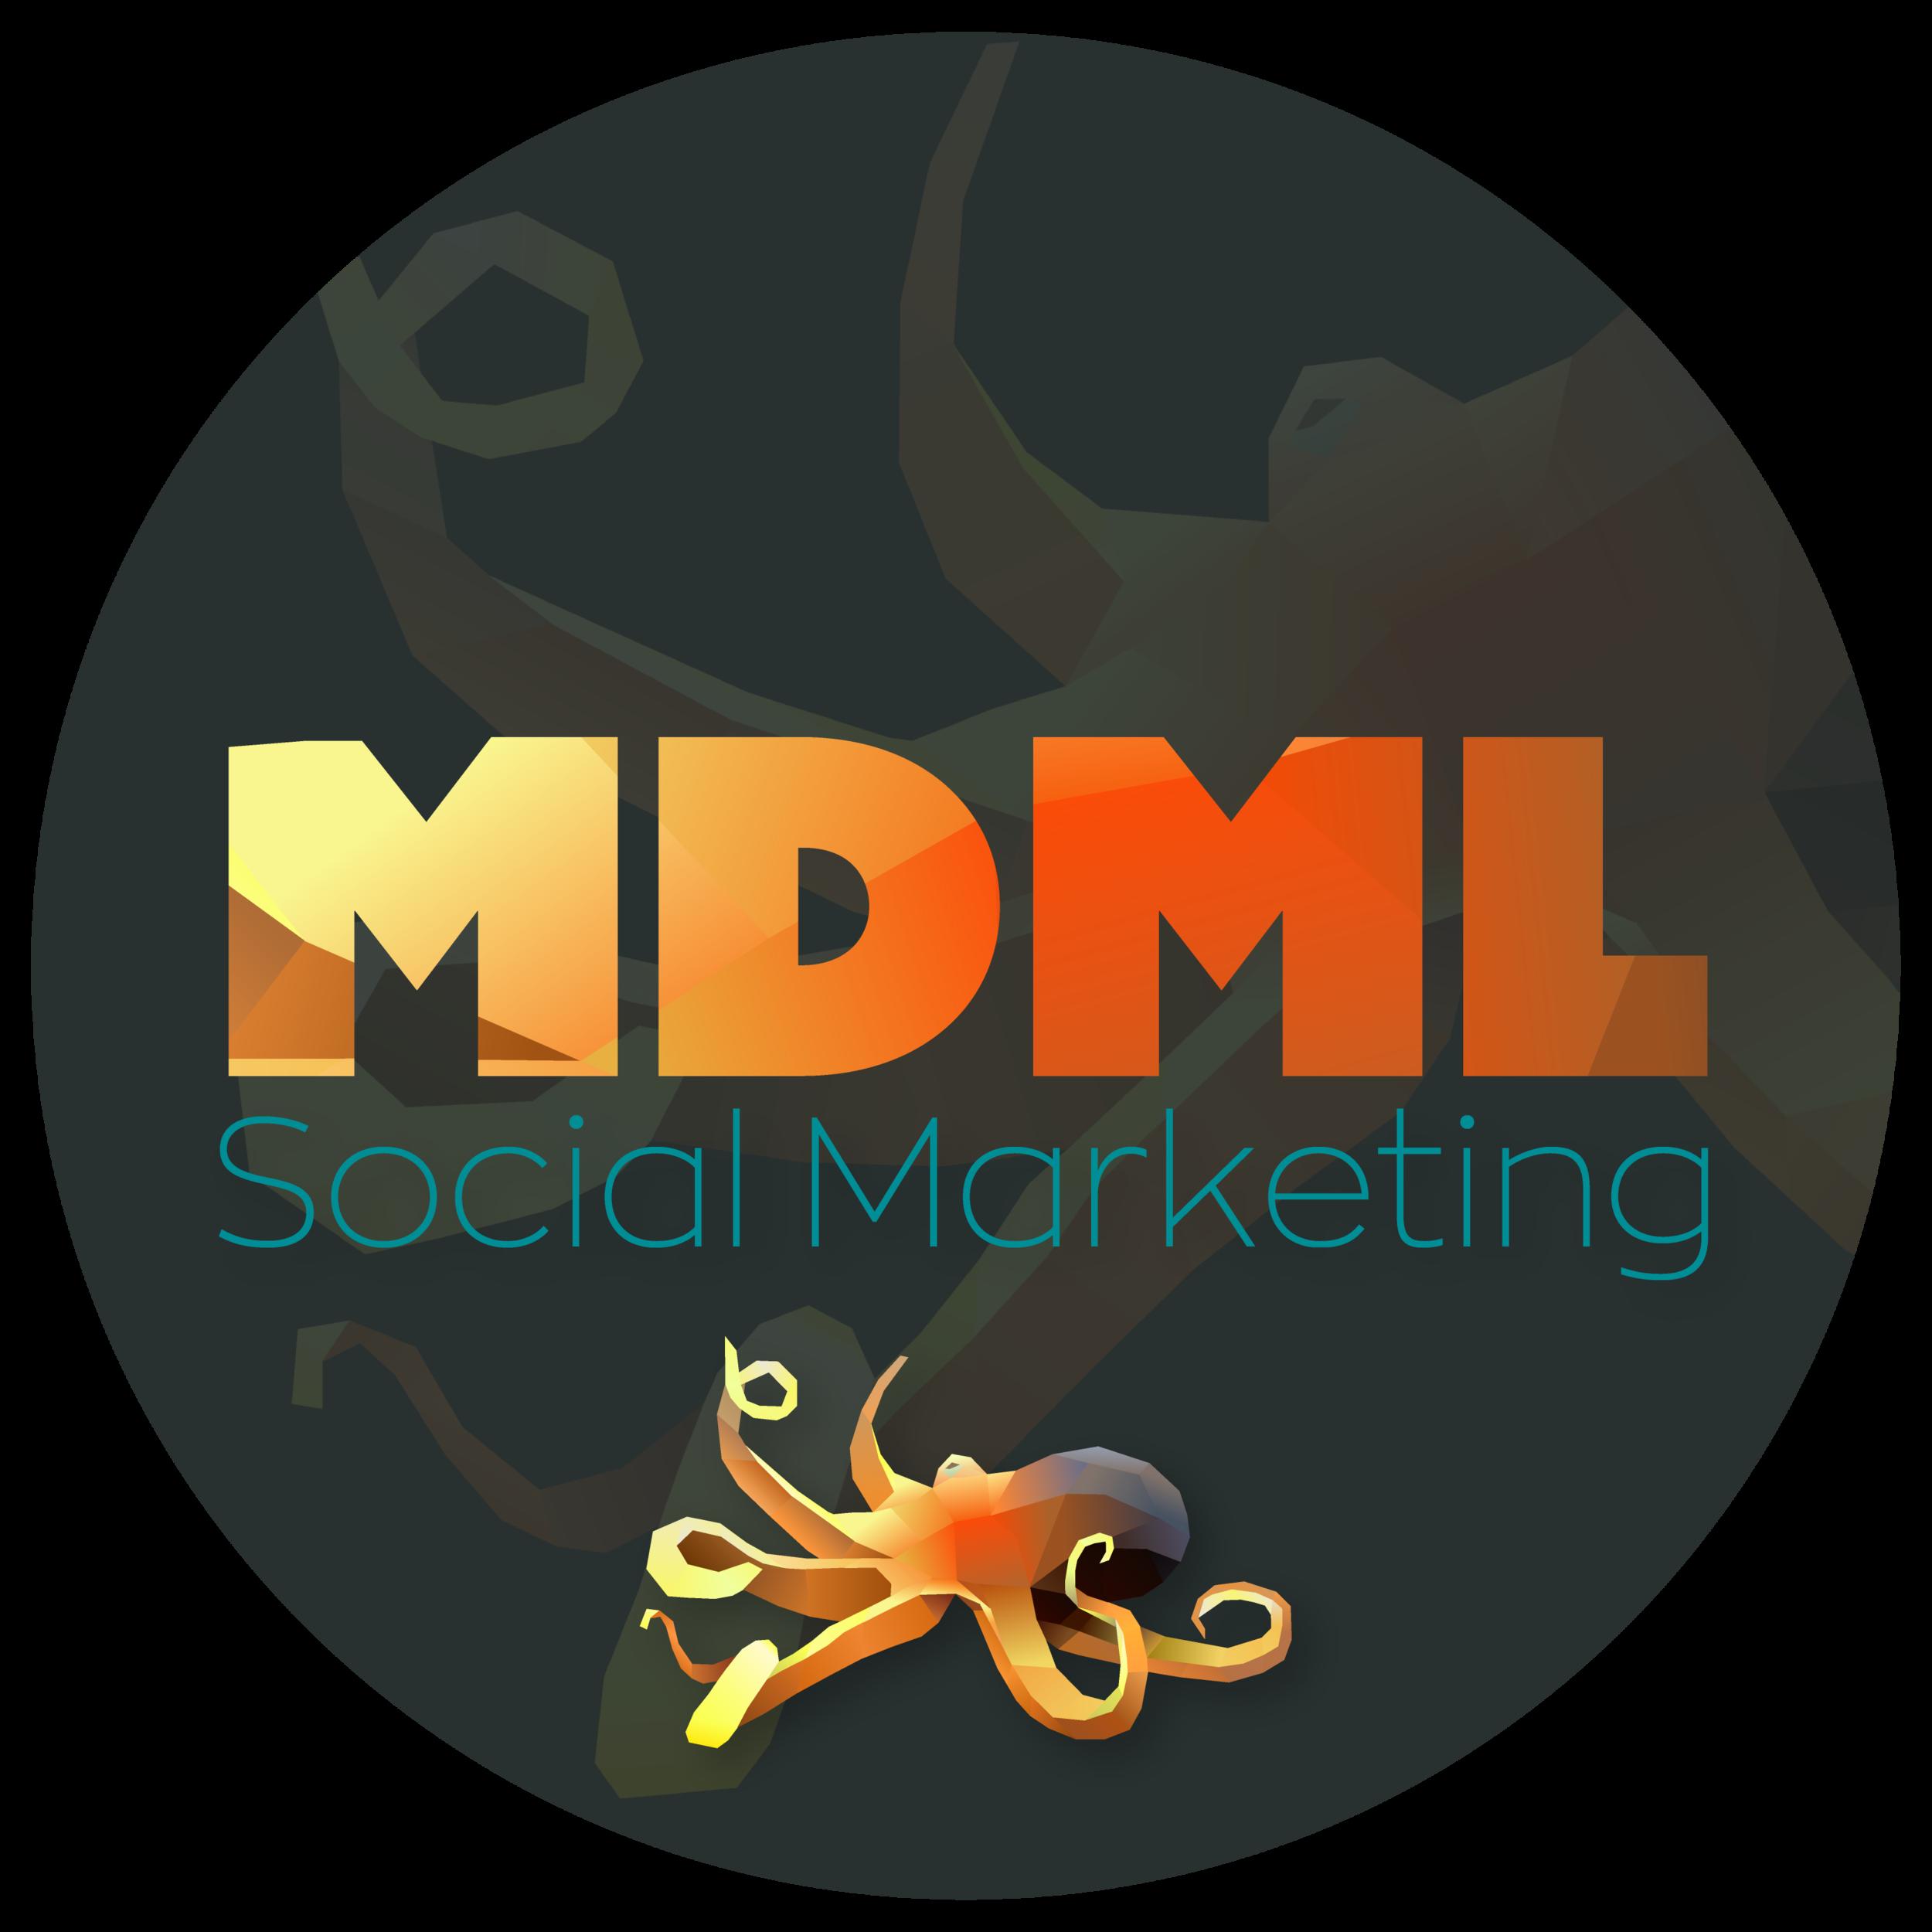 MDML_Logo.png